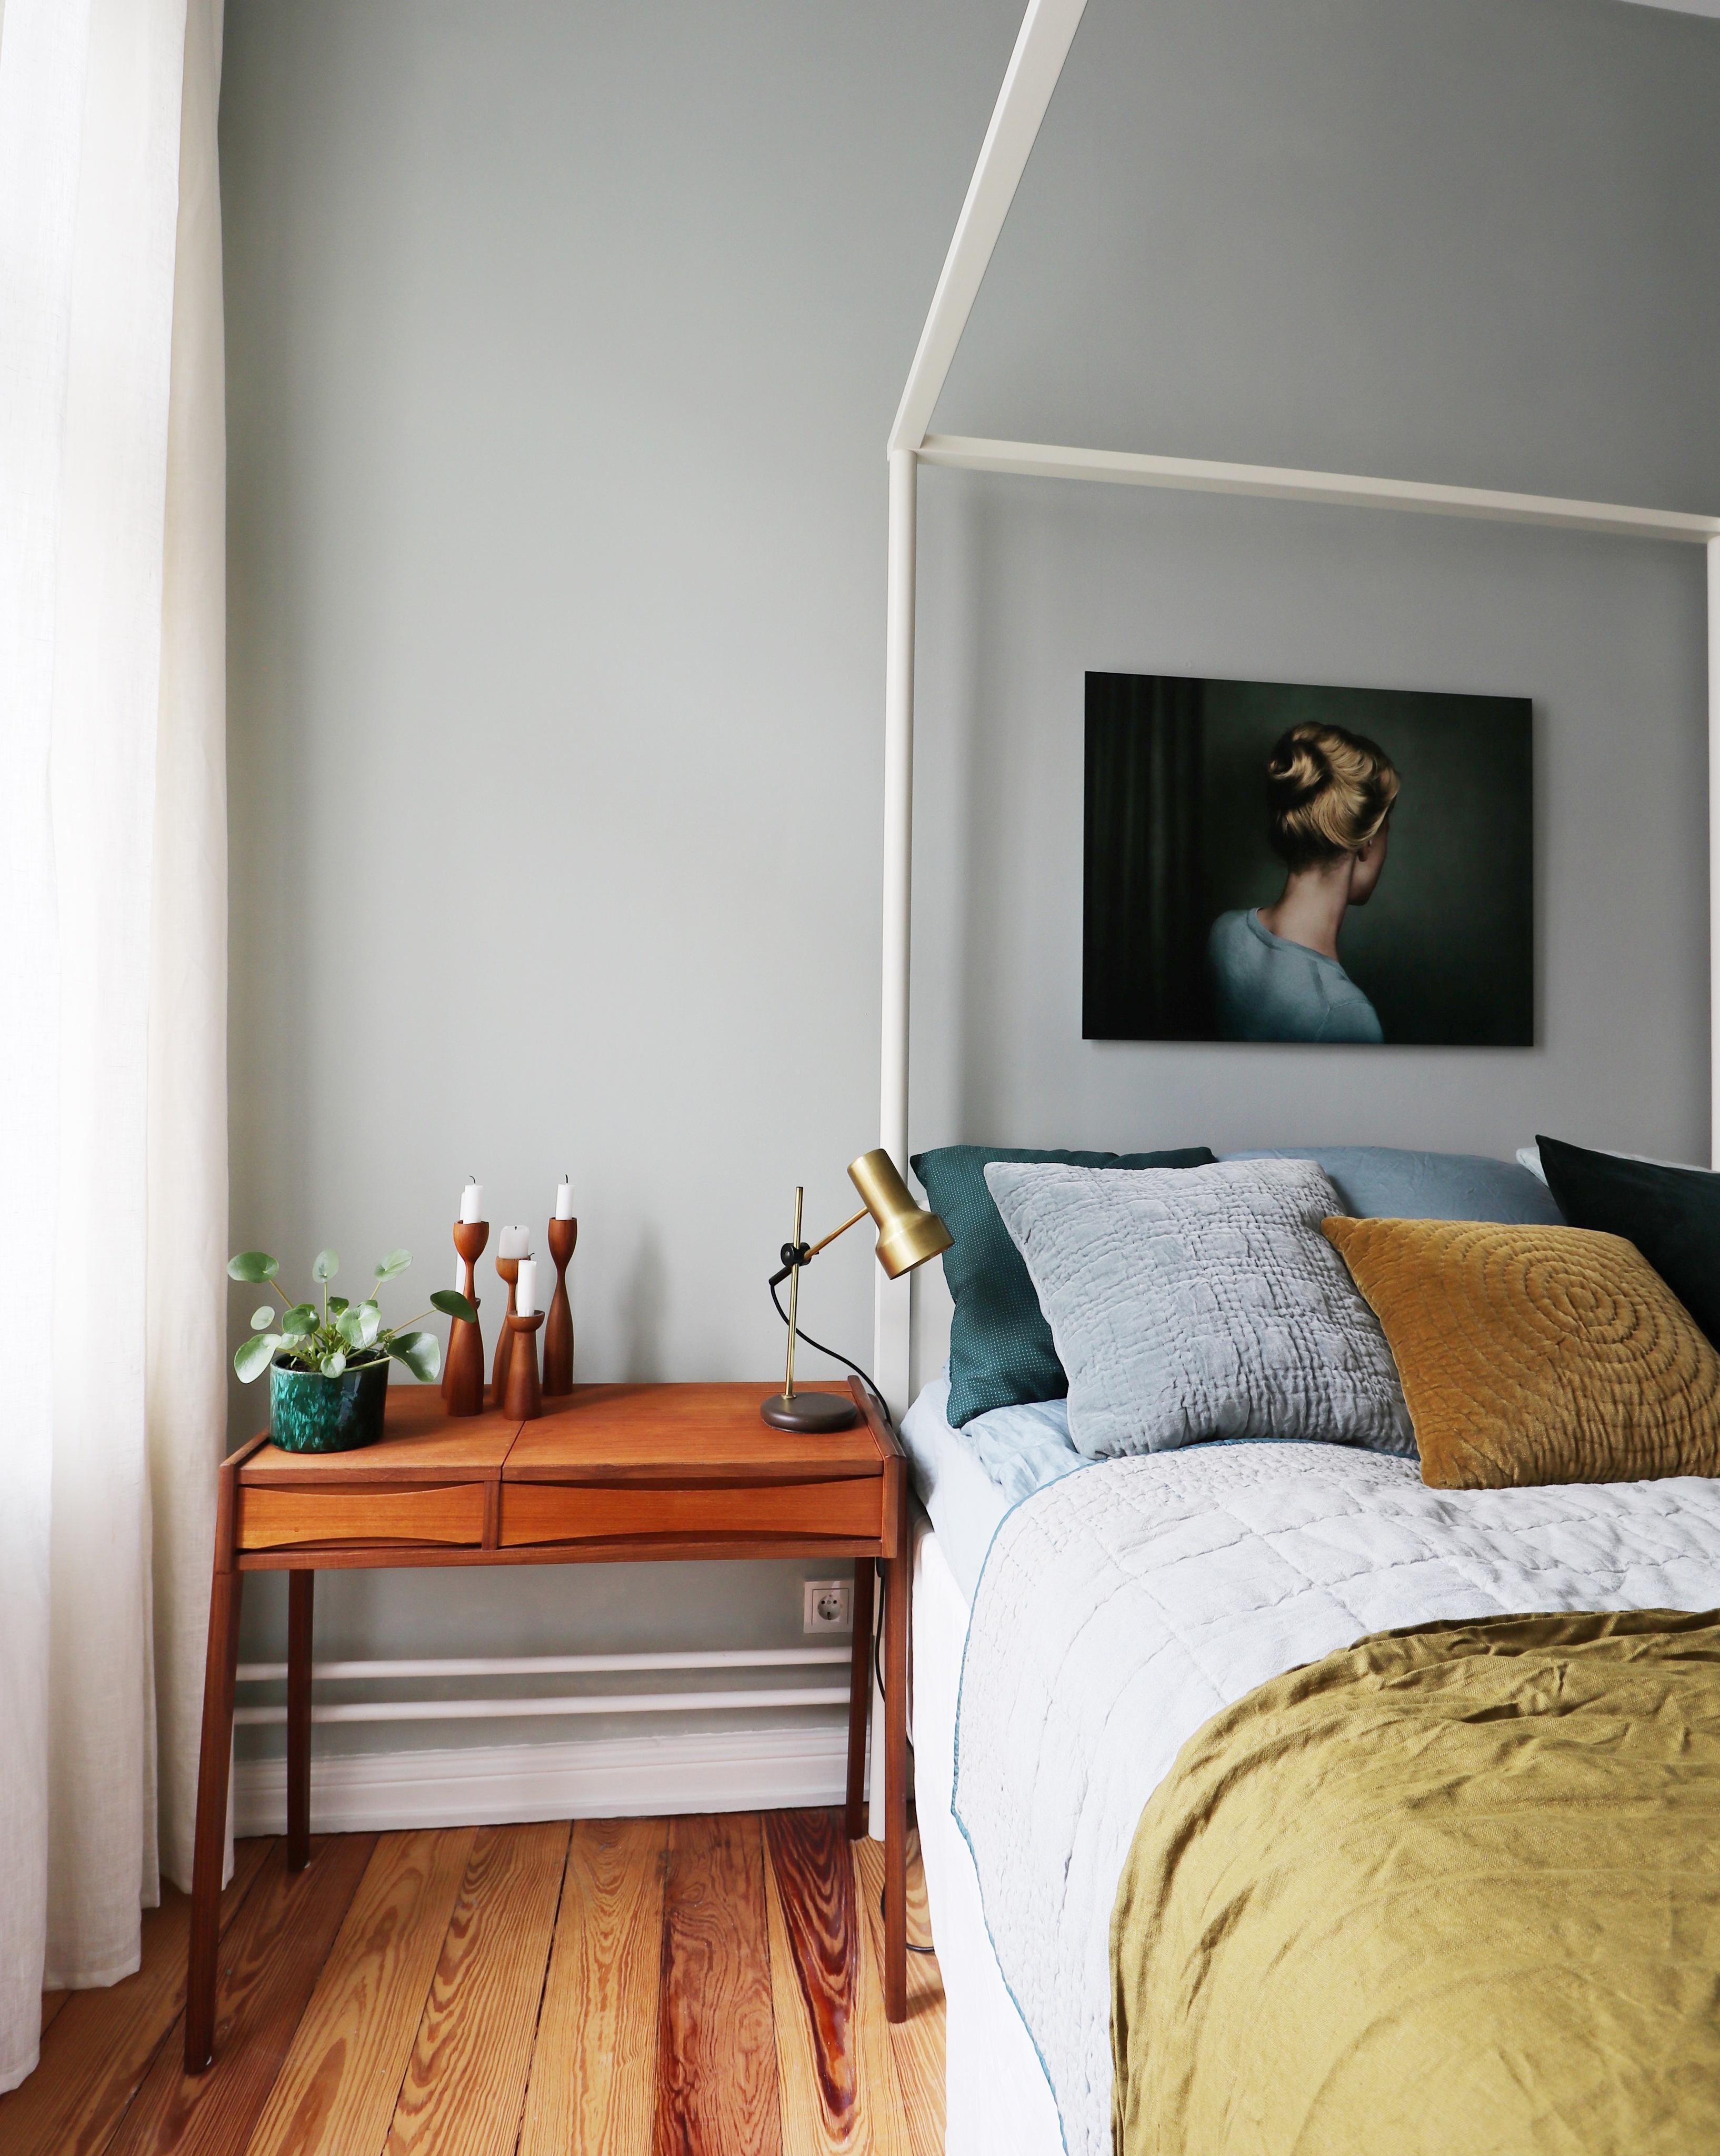 Farbenliebe Im #schlafzimmer #himmelbett #frisiertisch #vintage  #billyundhells #kissen #altbauliebe